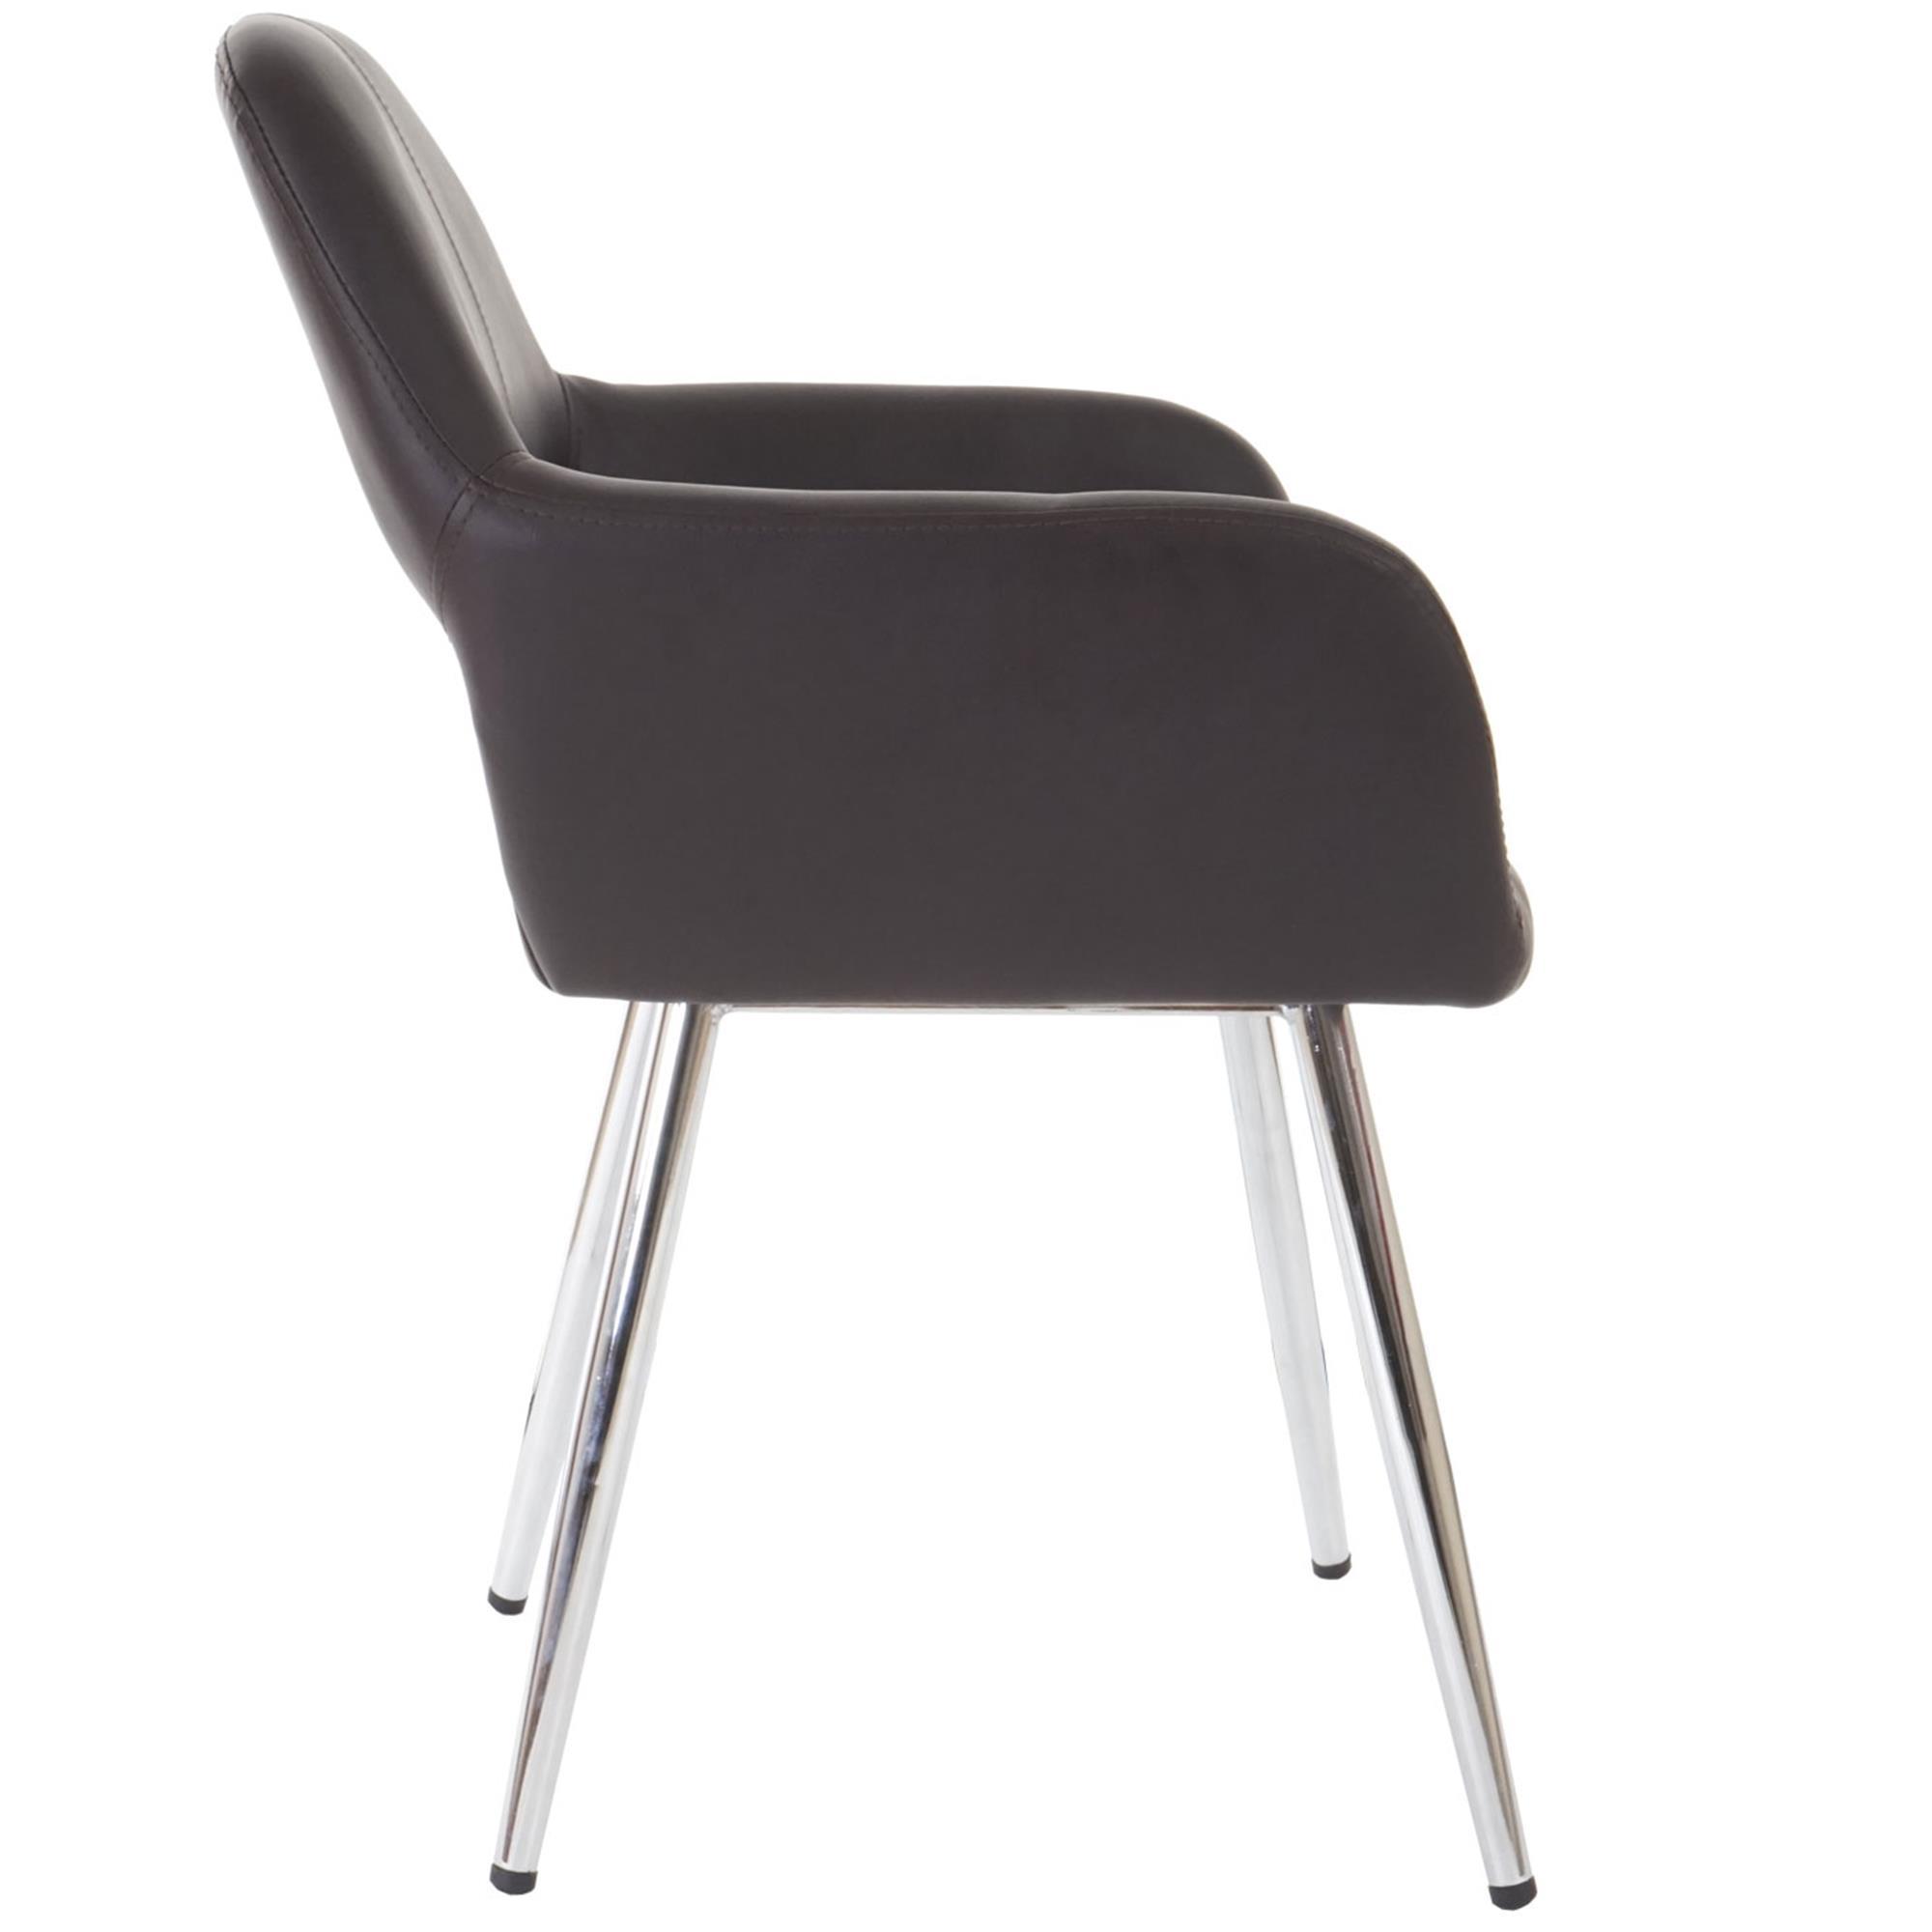 Lote 6 sillas de comedor o cocina calisa gran dise o con for Sillas de cocina cromadas